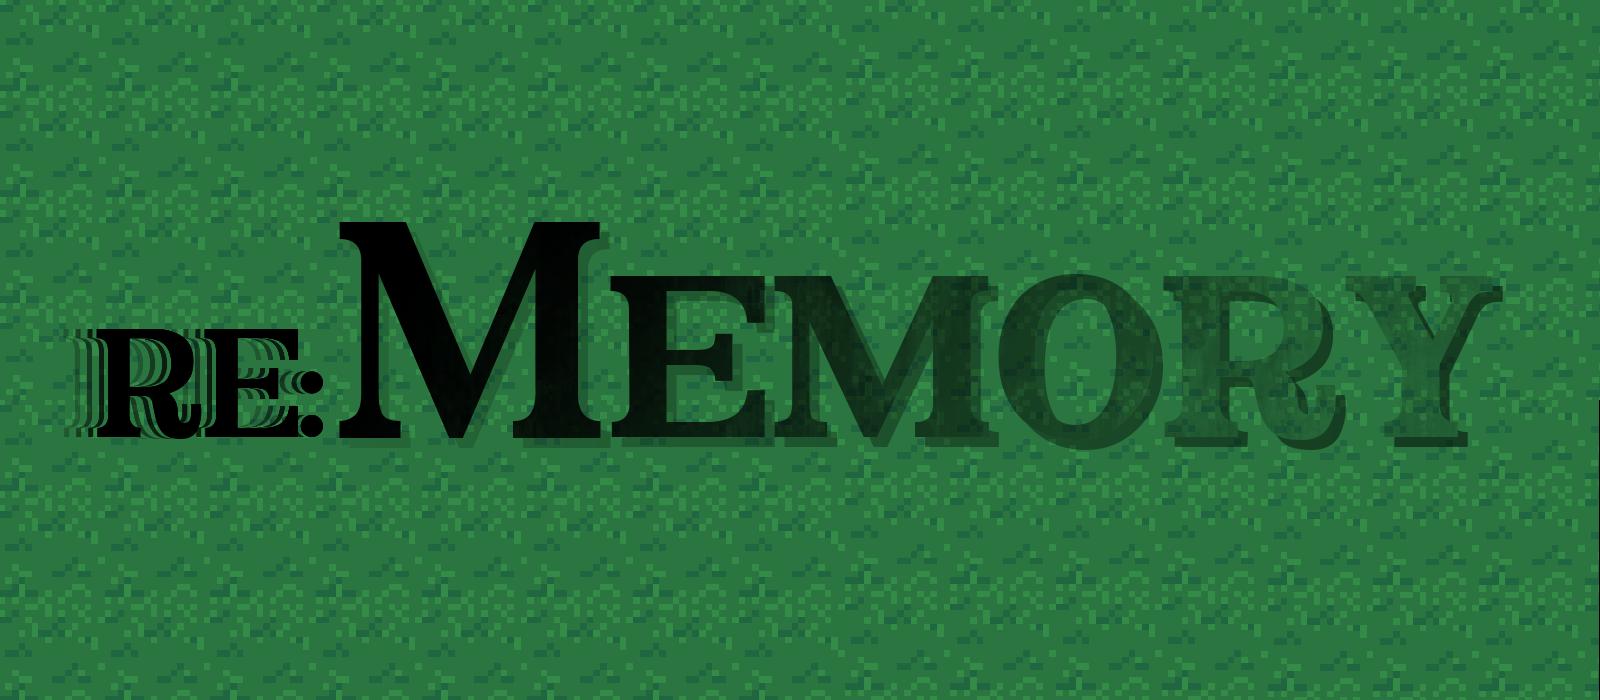 Re: Memory